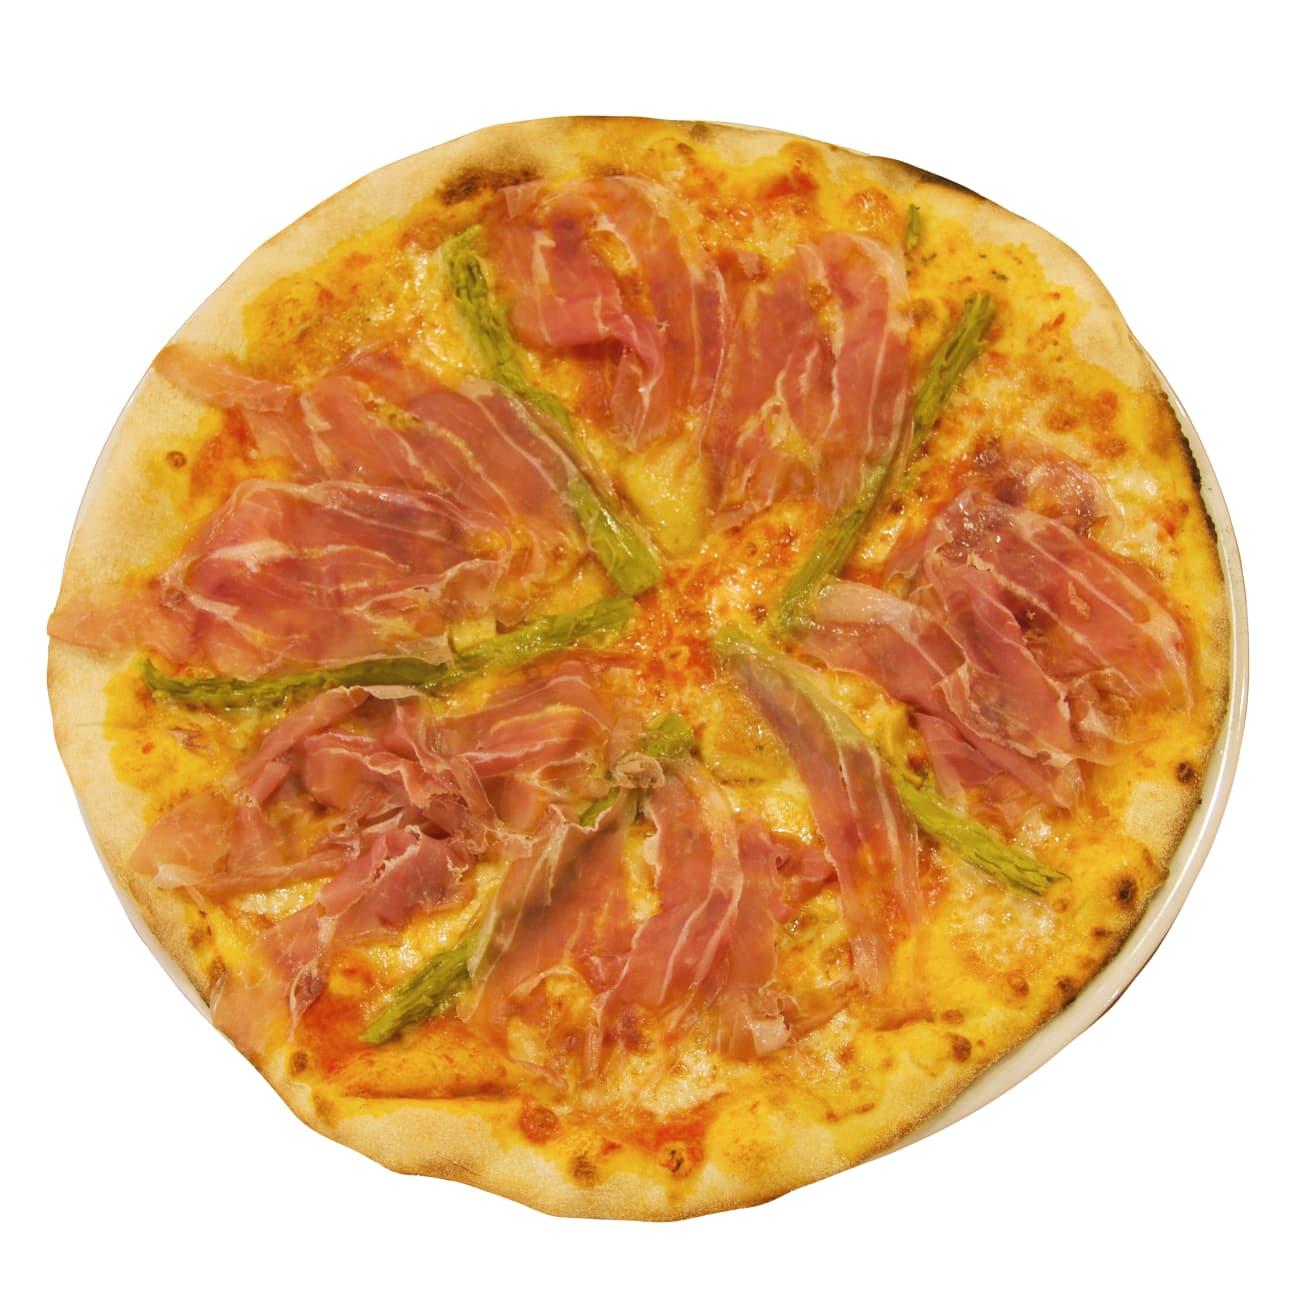 PizzaVecchiaCorteNormale